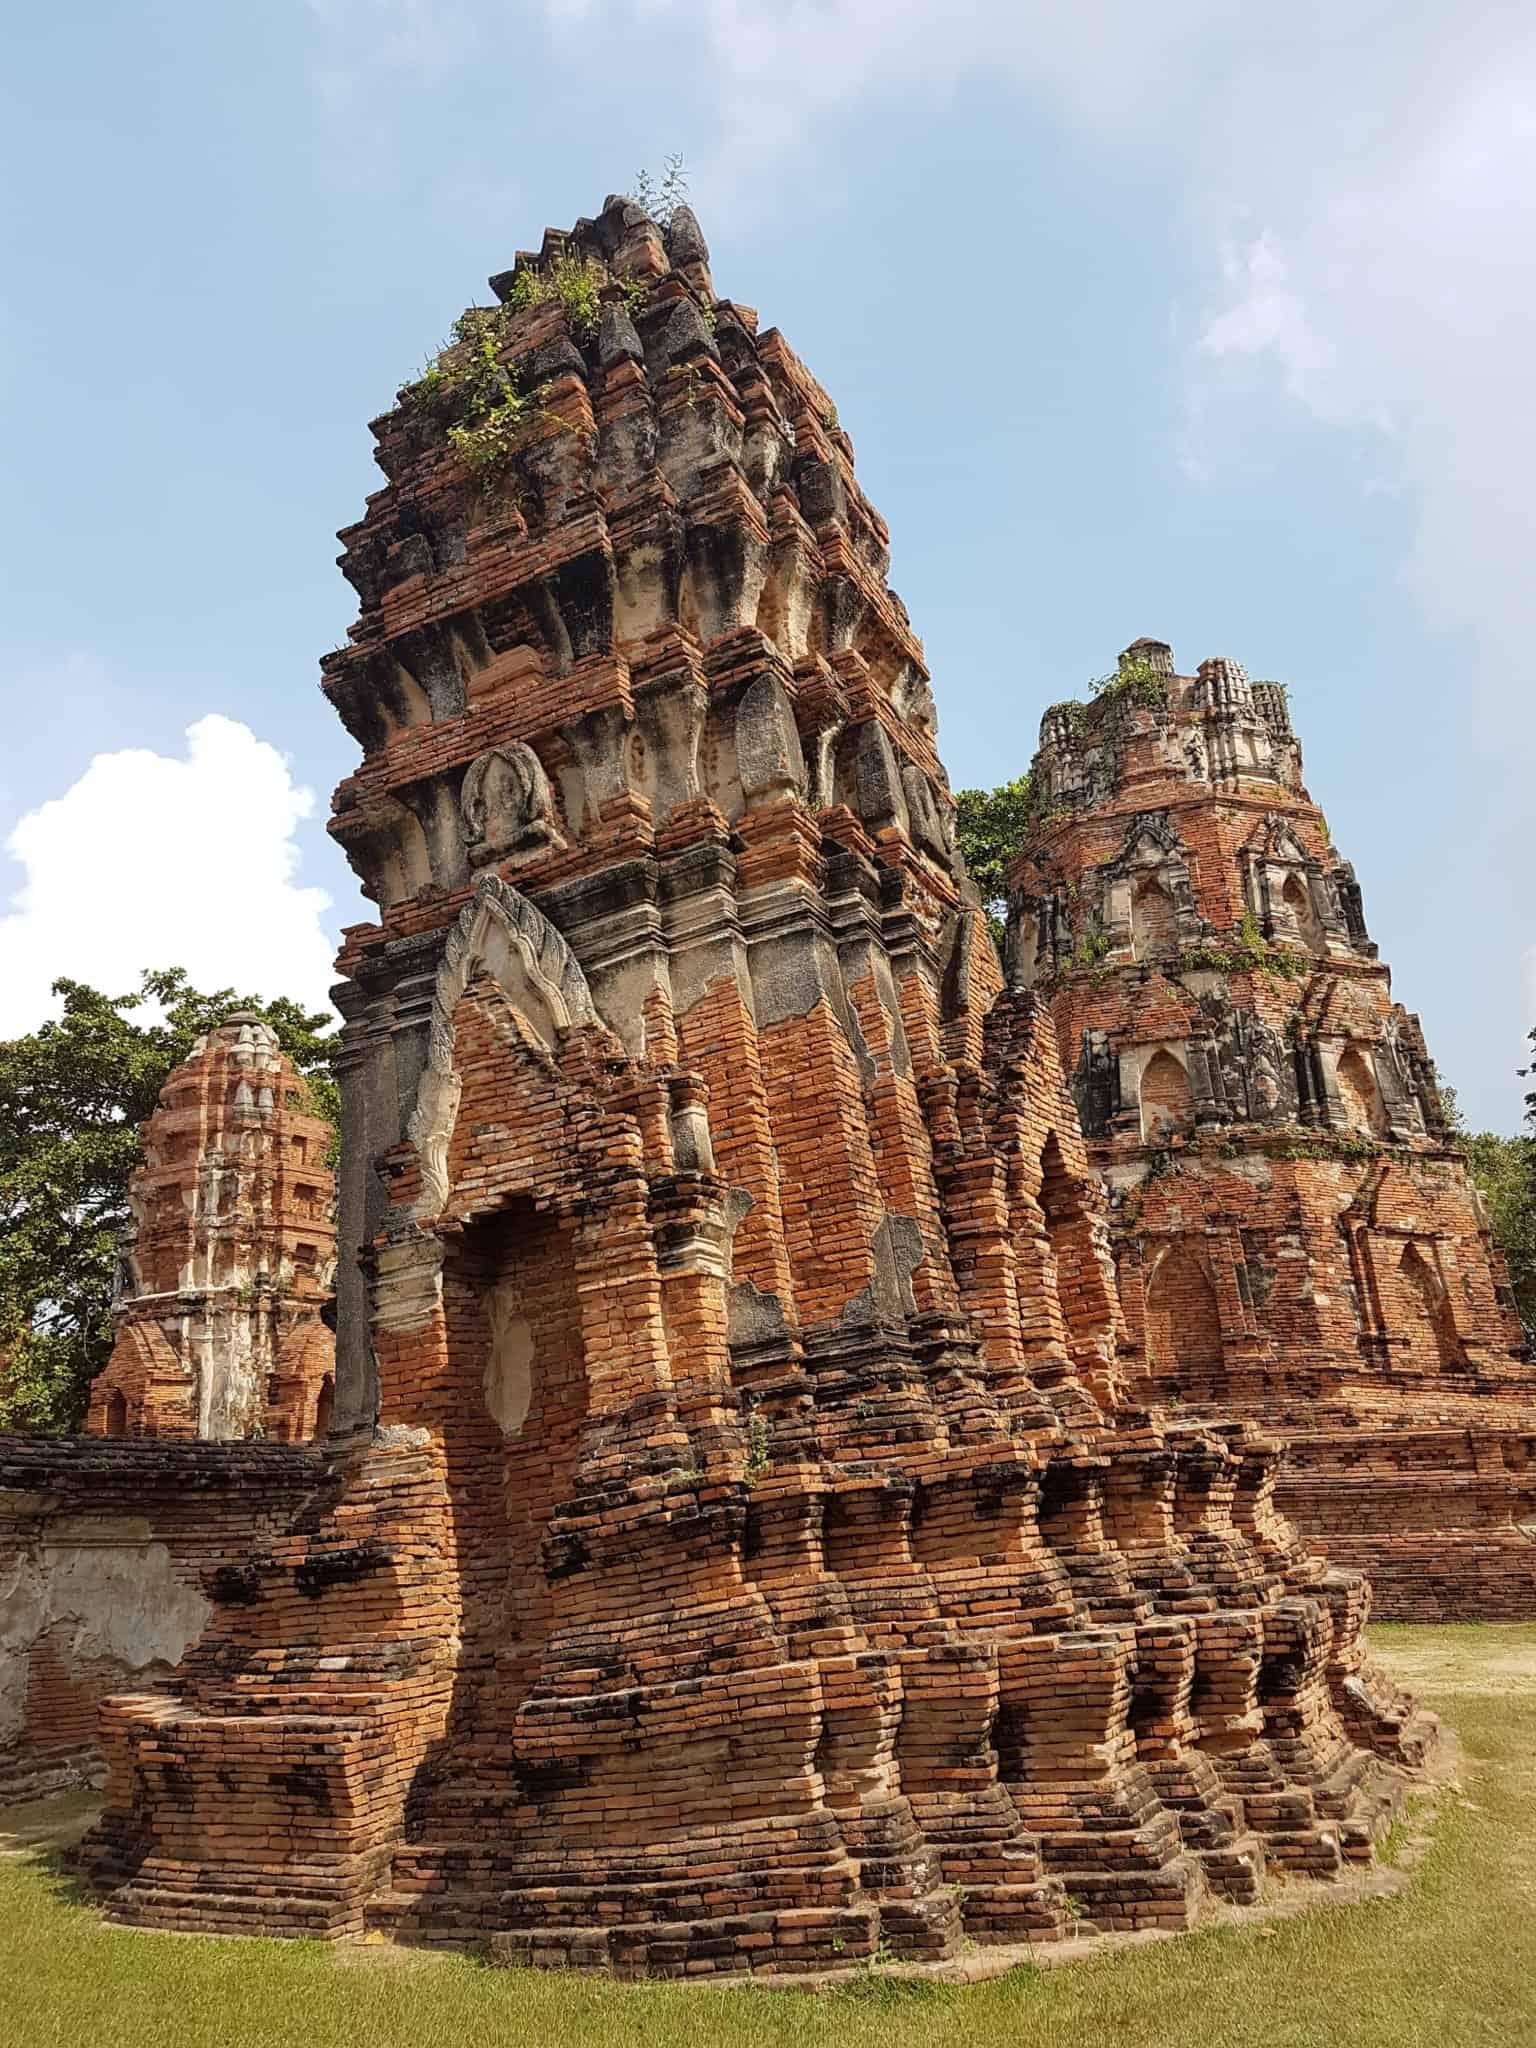 Thaïlande, visite d'Ayutthaya et de ses temples 🌞 12